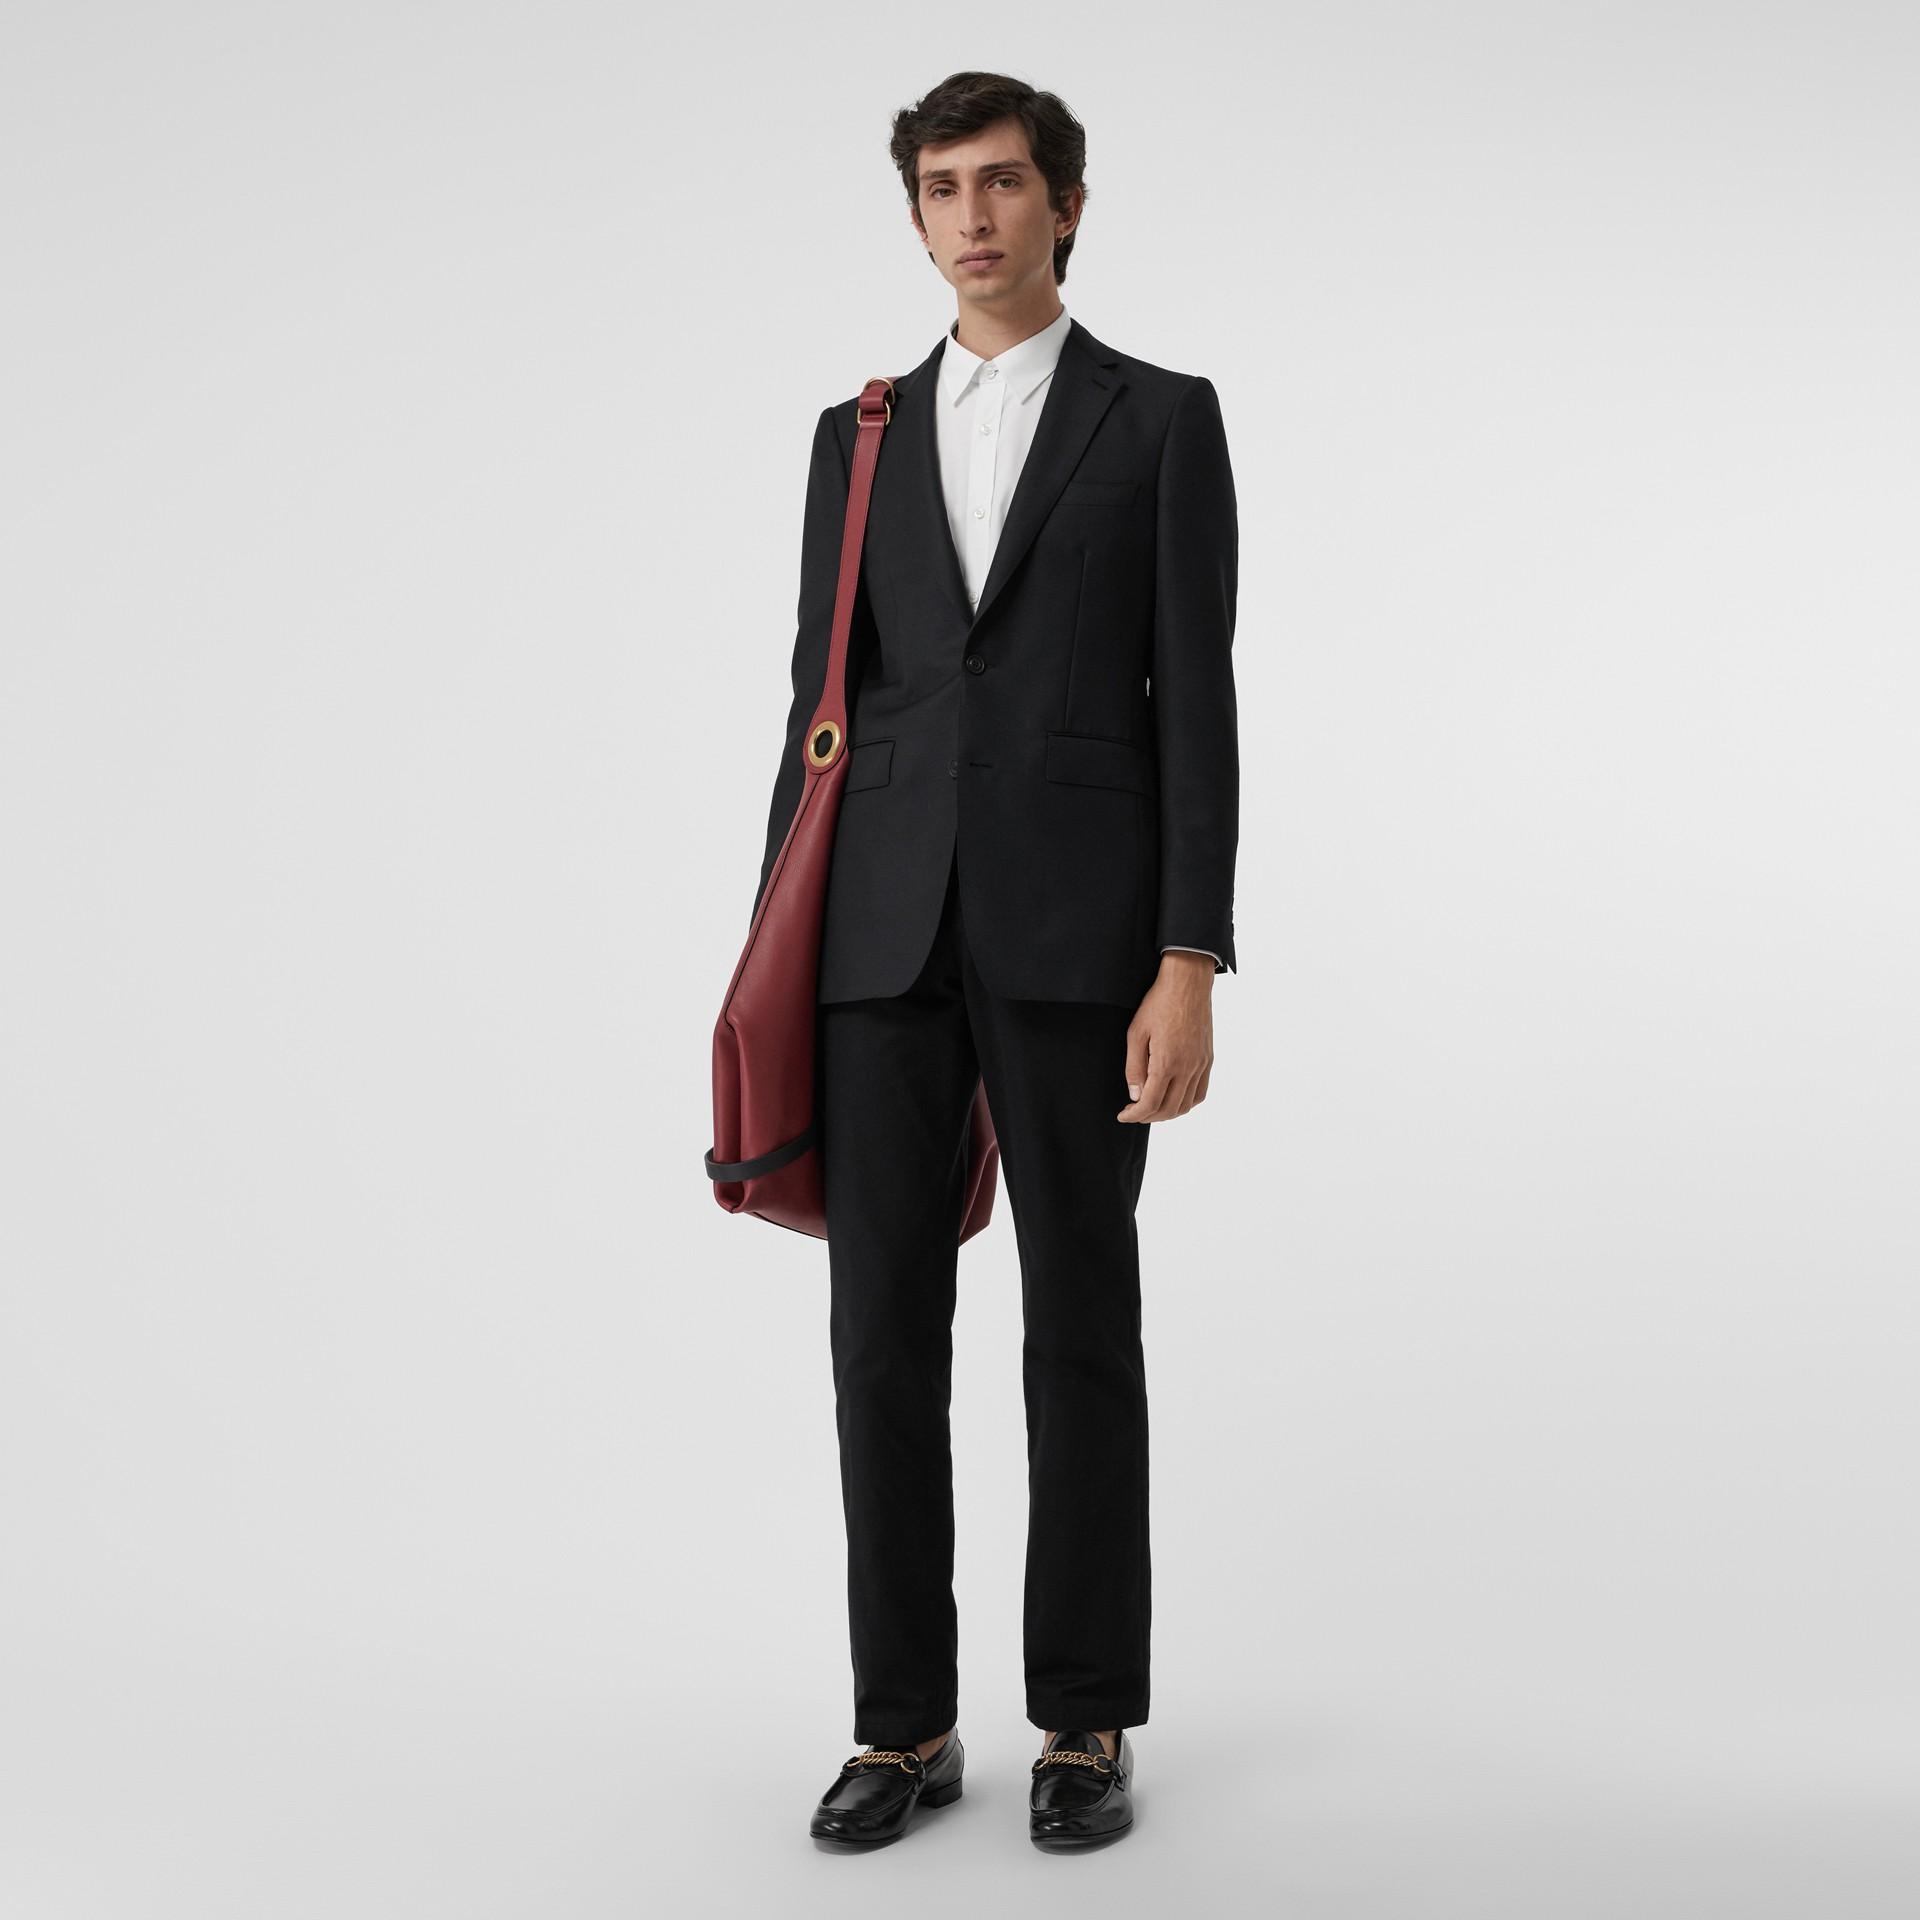 슬림핏 울 모헤어 테일러드 재킷 (블랙) - 남성 | Burberry - 갤러리 이미지 0